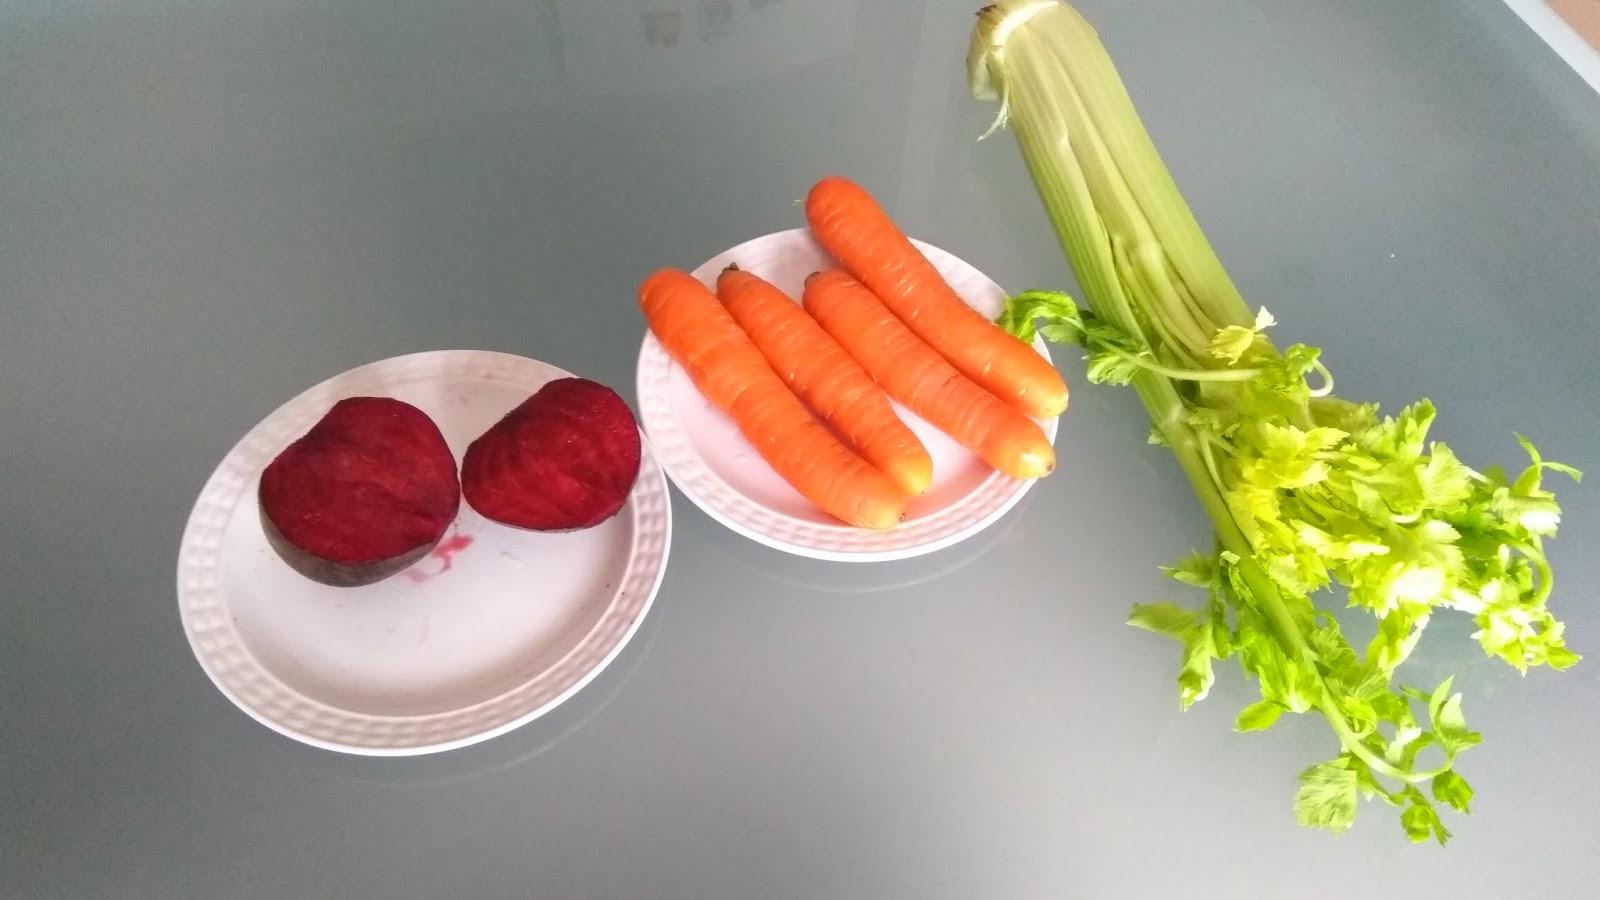 Яблоко И Морковь Для Похудения Отзывы. Худеем за неделю на морковной диете